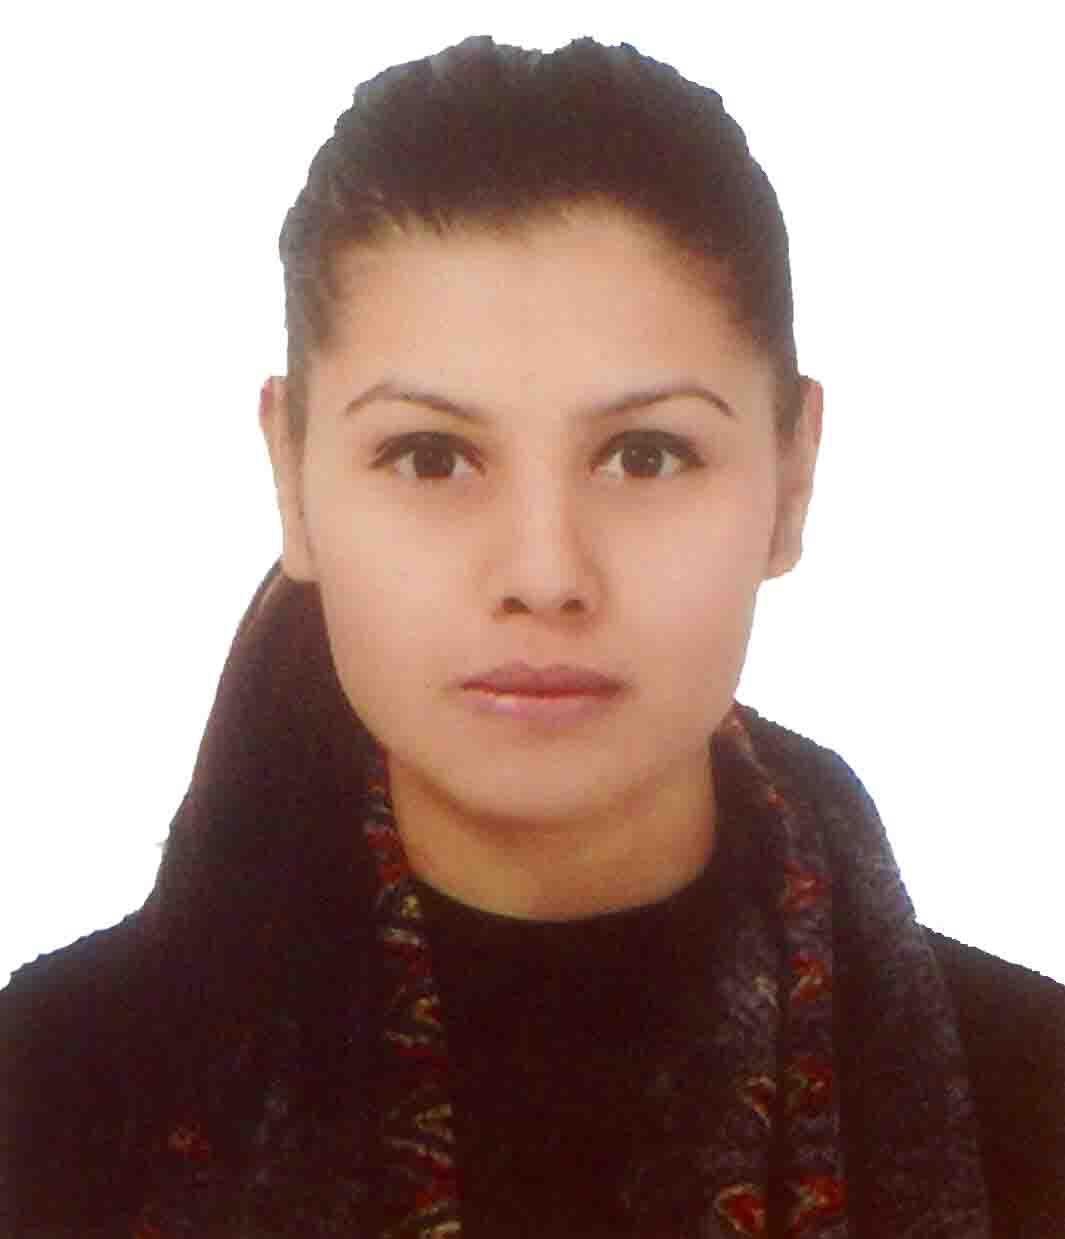 Ms. Utkarsha Ghimire